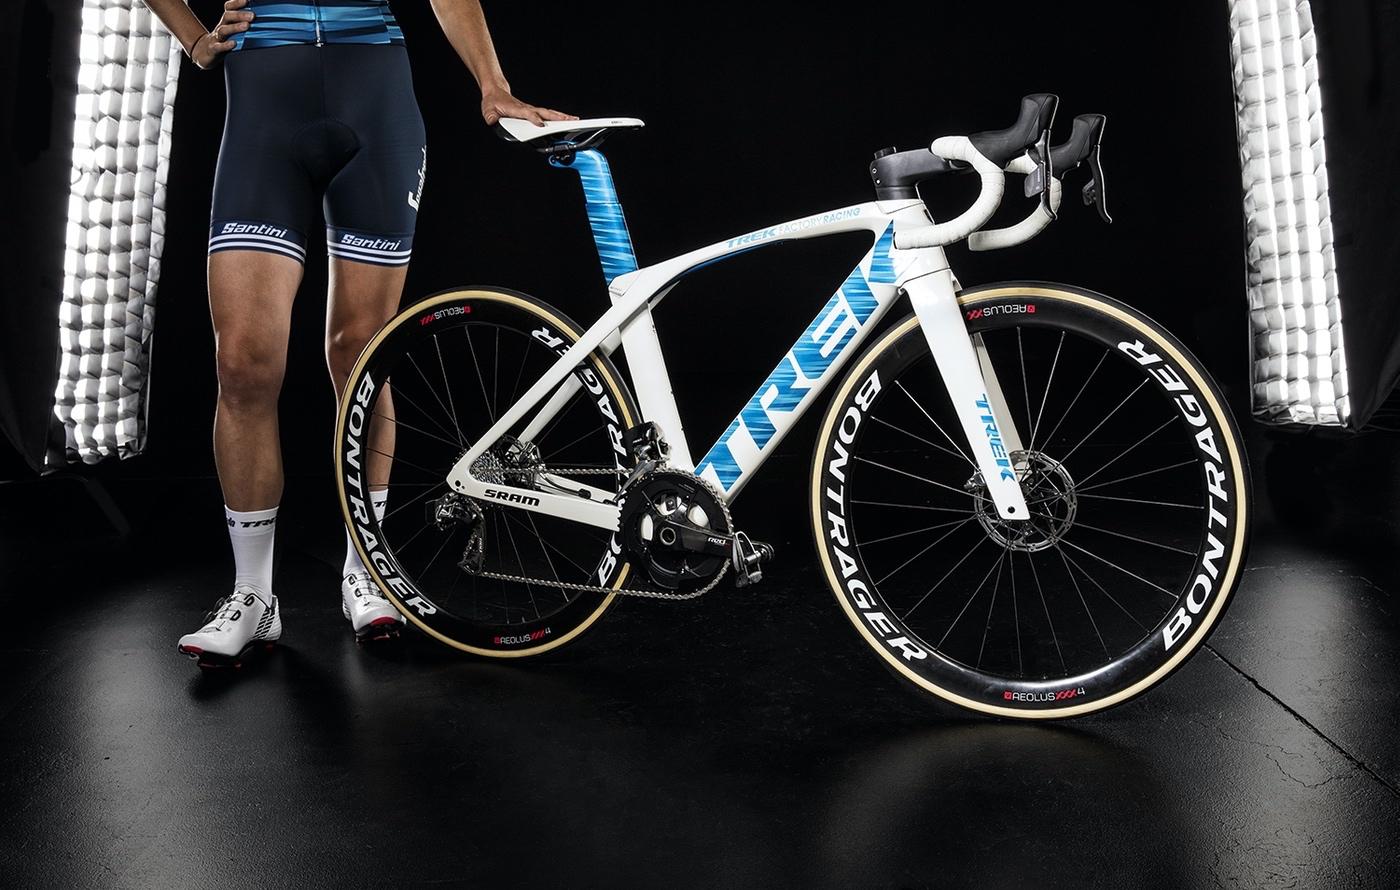 Bicicleta del equipo Trek-Segafredo equipada con SRAM RED eTap y los frenos de disco HRD